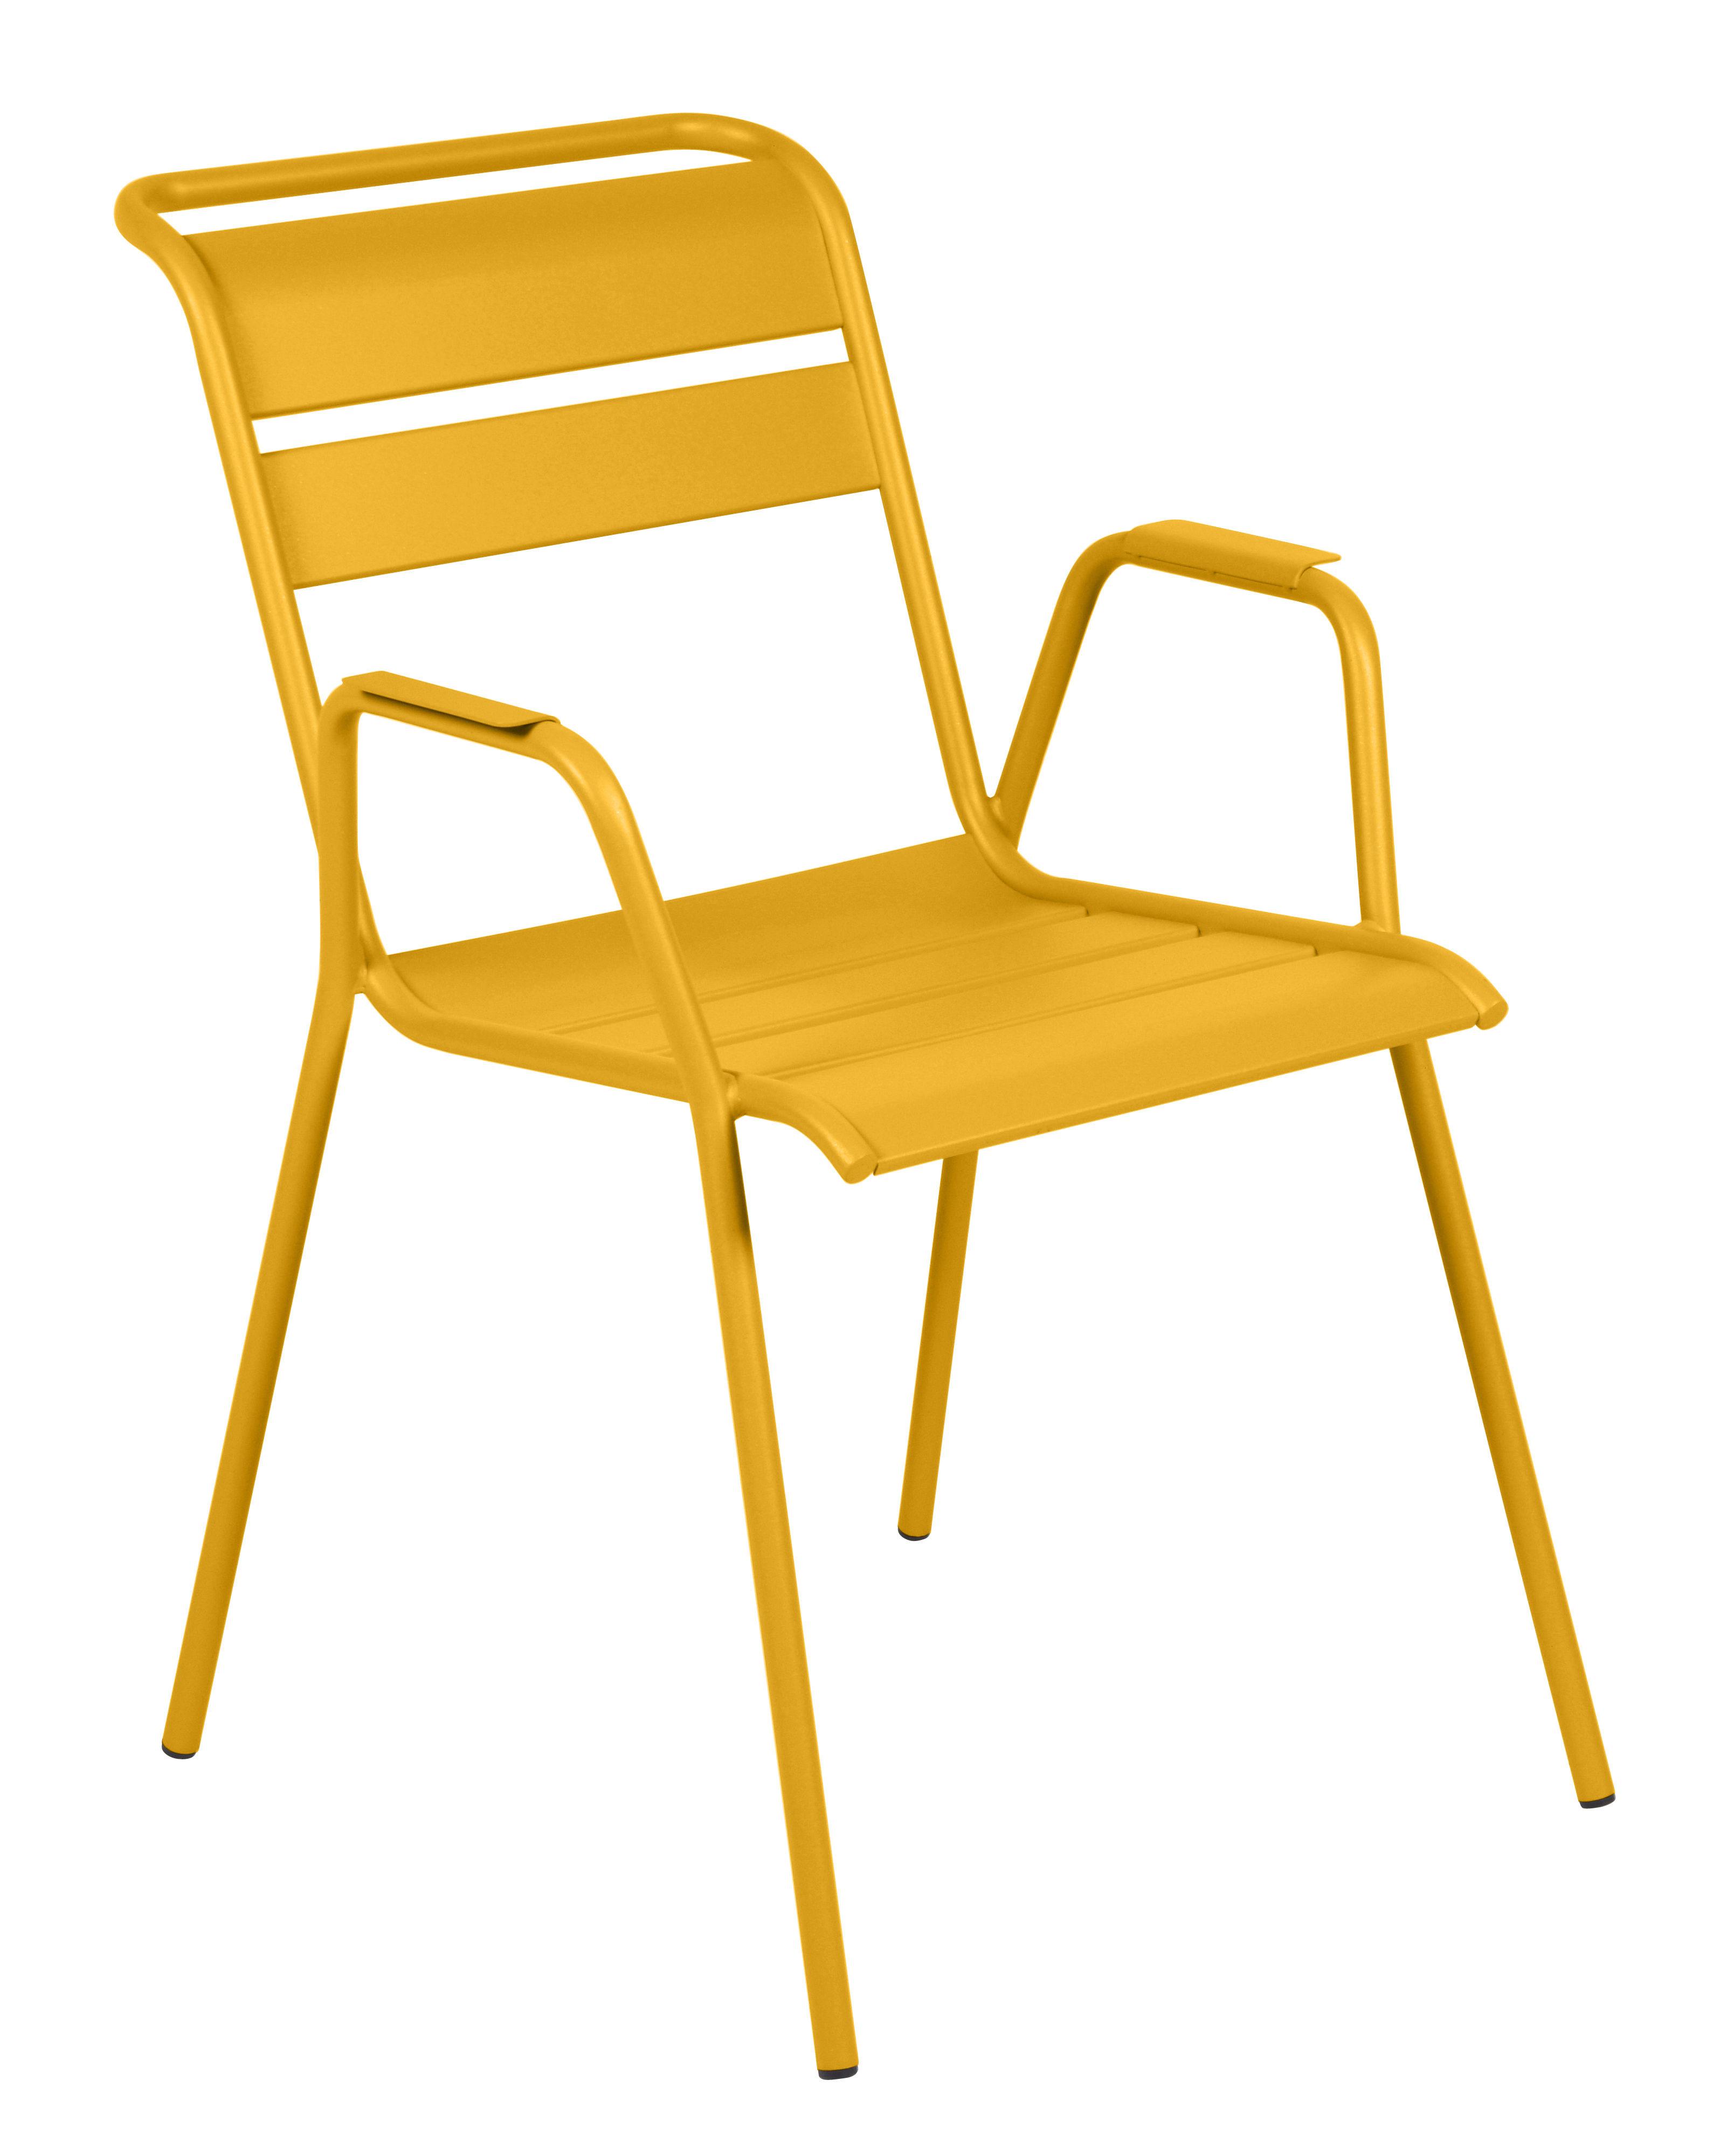 Mobilier - Chaises, fauteuils de salle à manger - Fauteuil empilable Monceau / Métal - Fermob - Miel - Acier peint